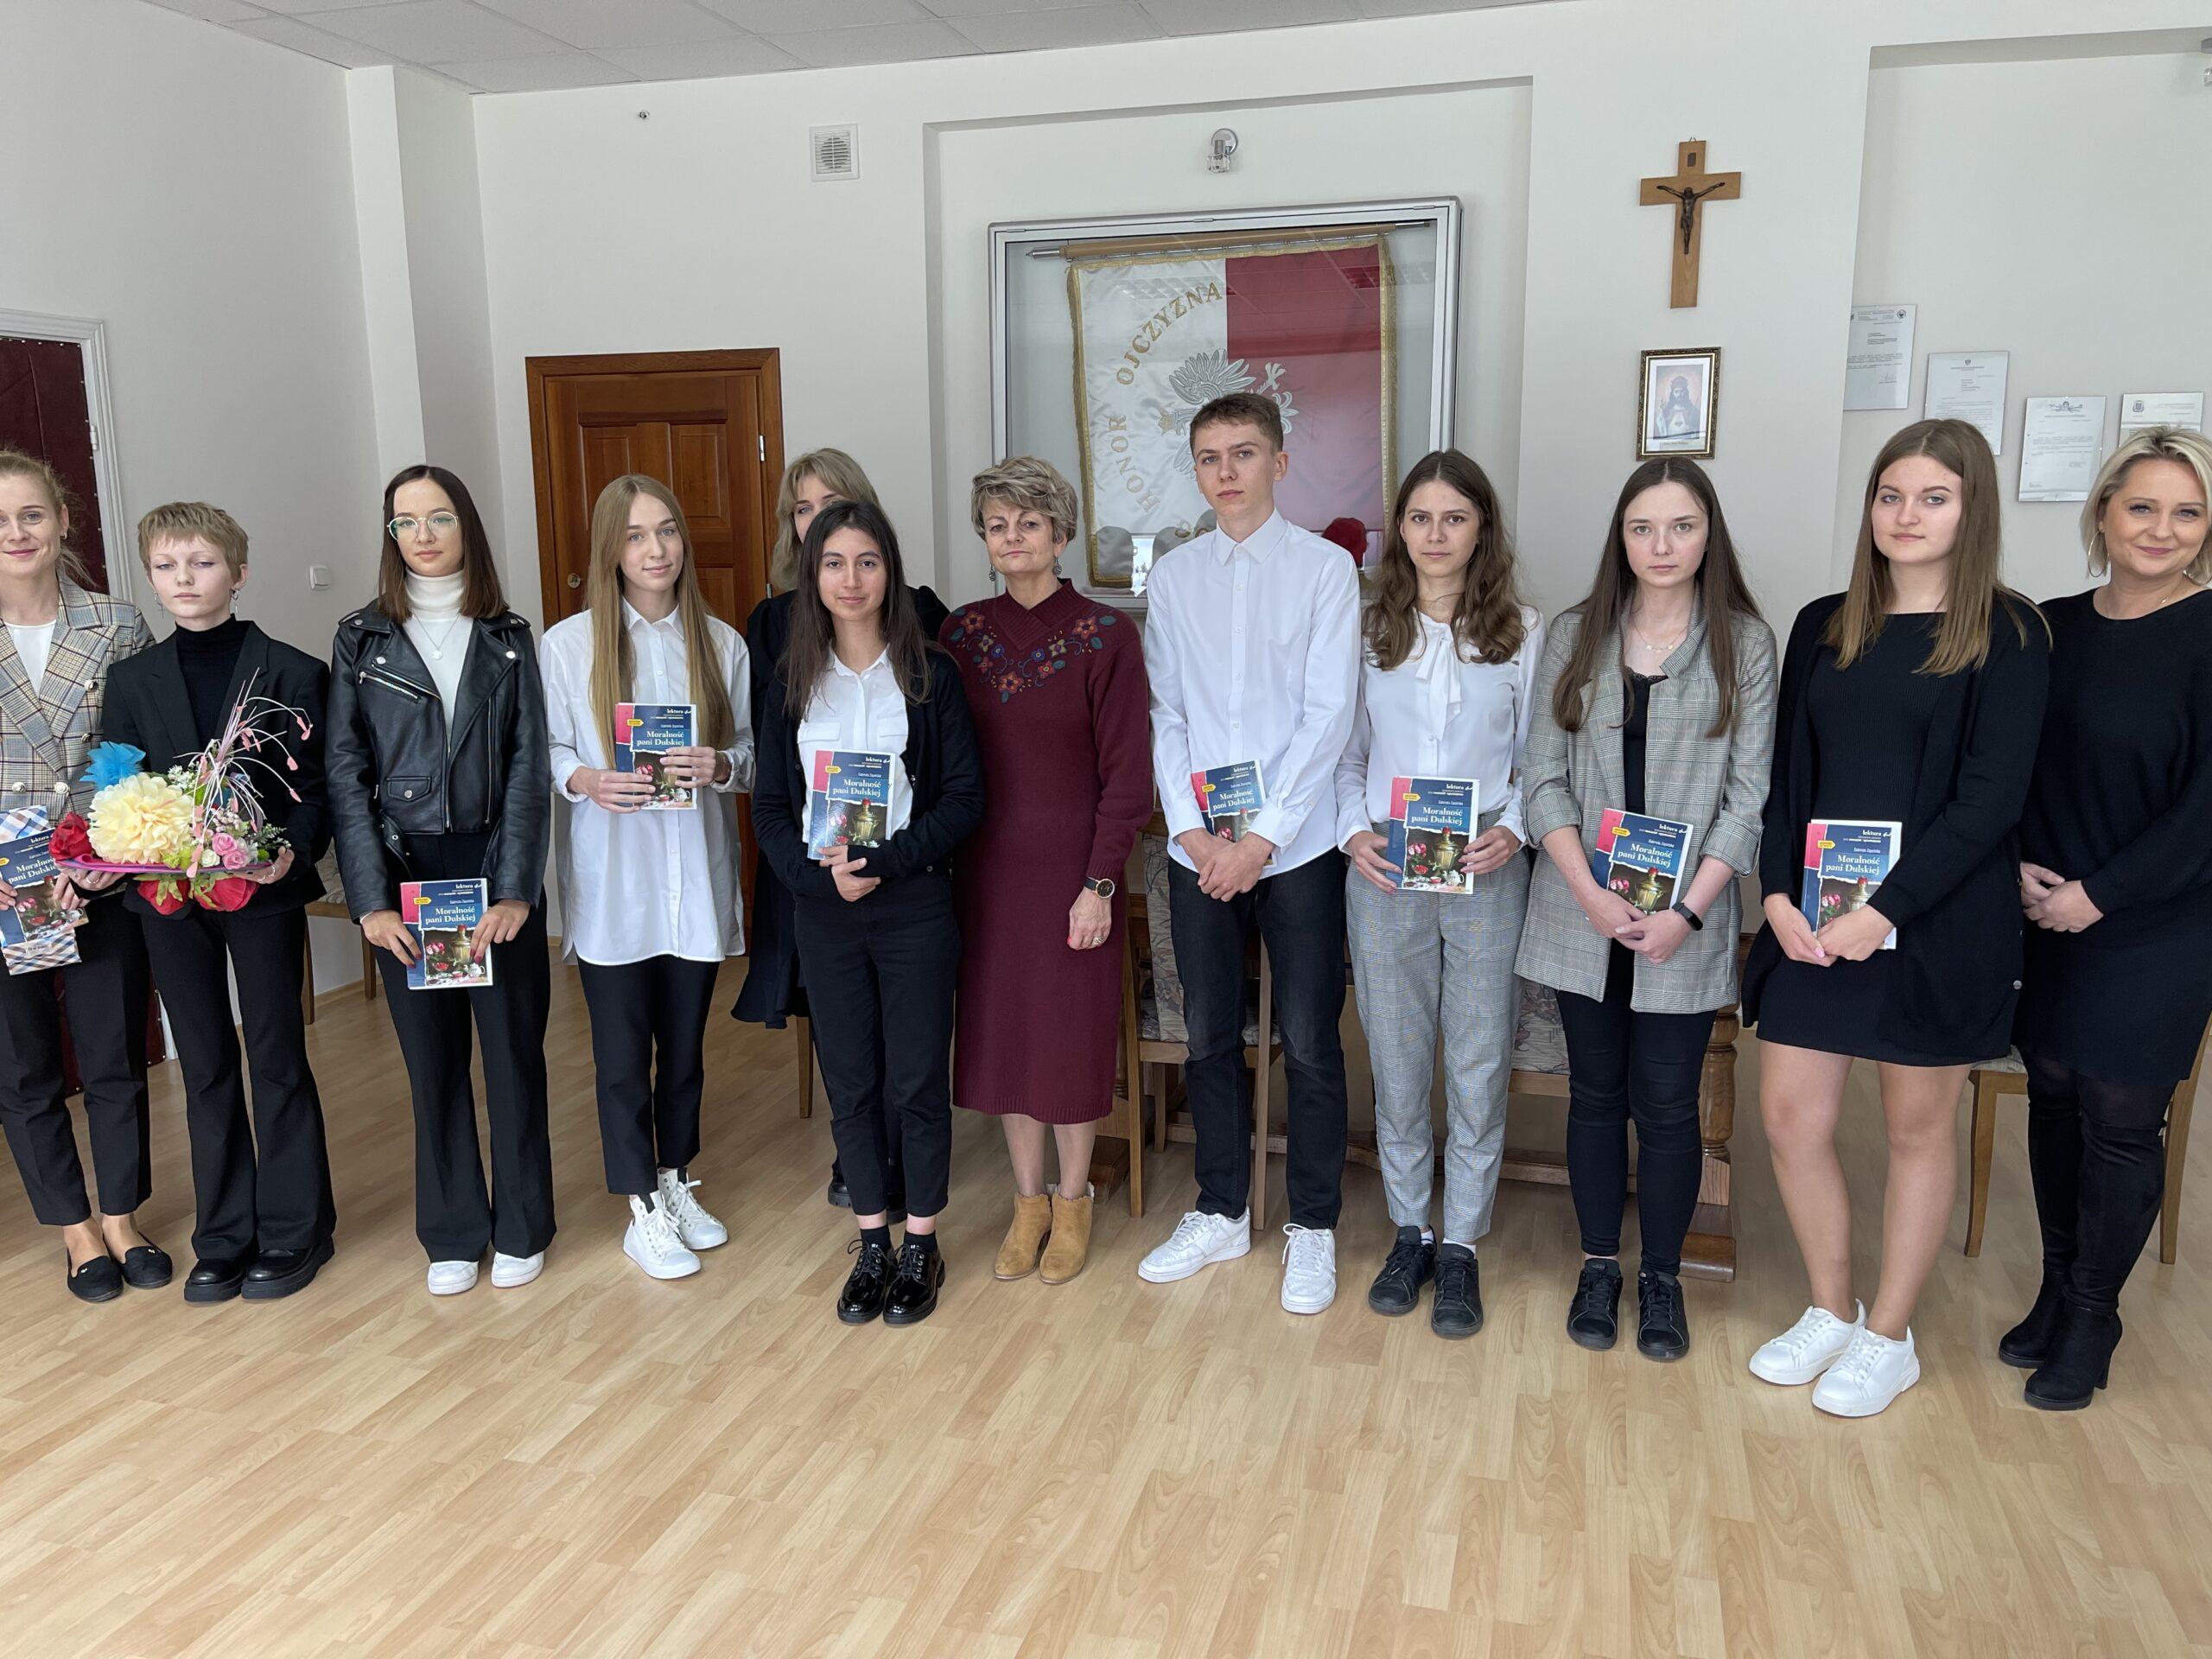 Narodowe Czytanie w I Liceum Ogólnokształcącym im. Bohaterów  Porytowego Wzgórza w Janowie Lubelskim